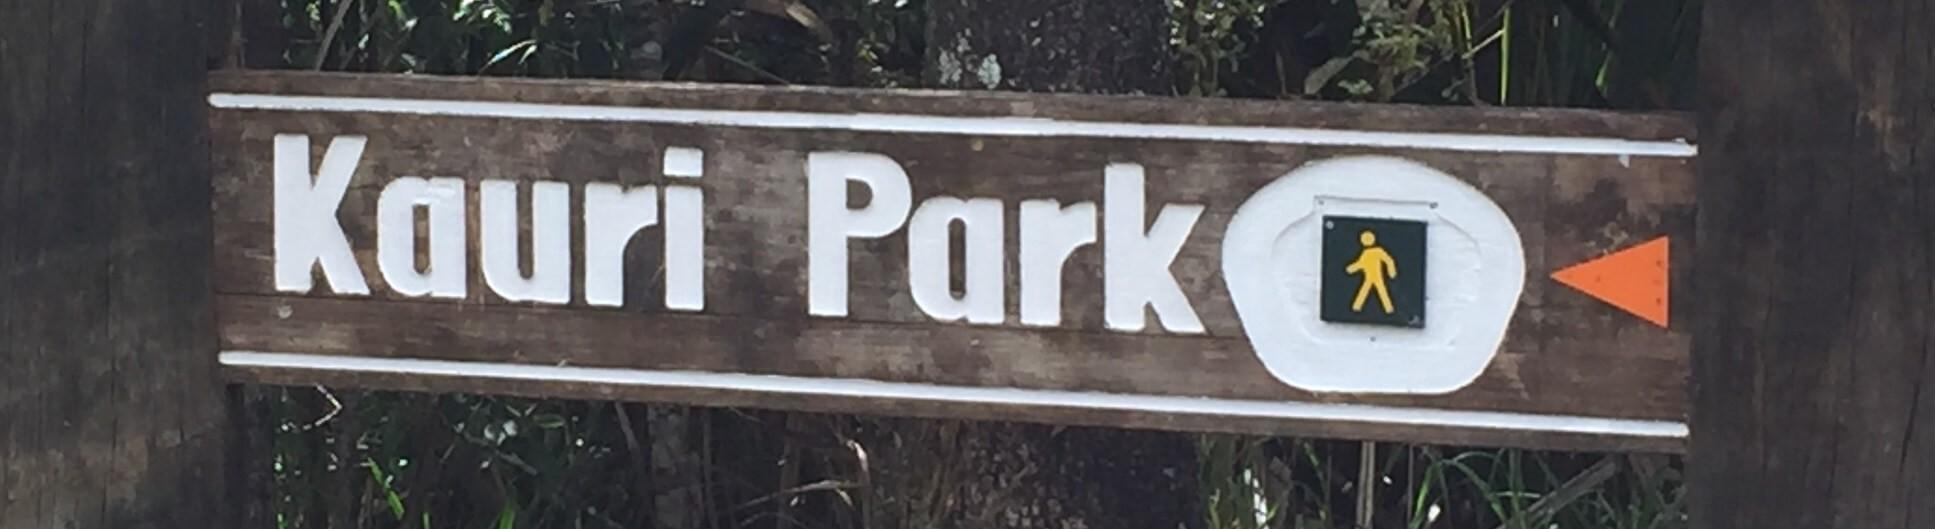 Новая Экскурсия из Окленда в древние леса Каури